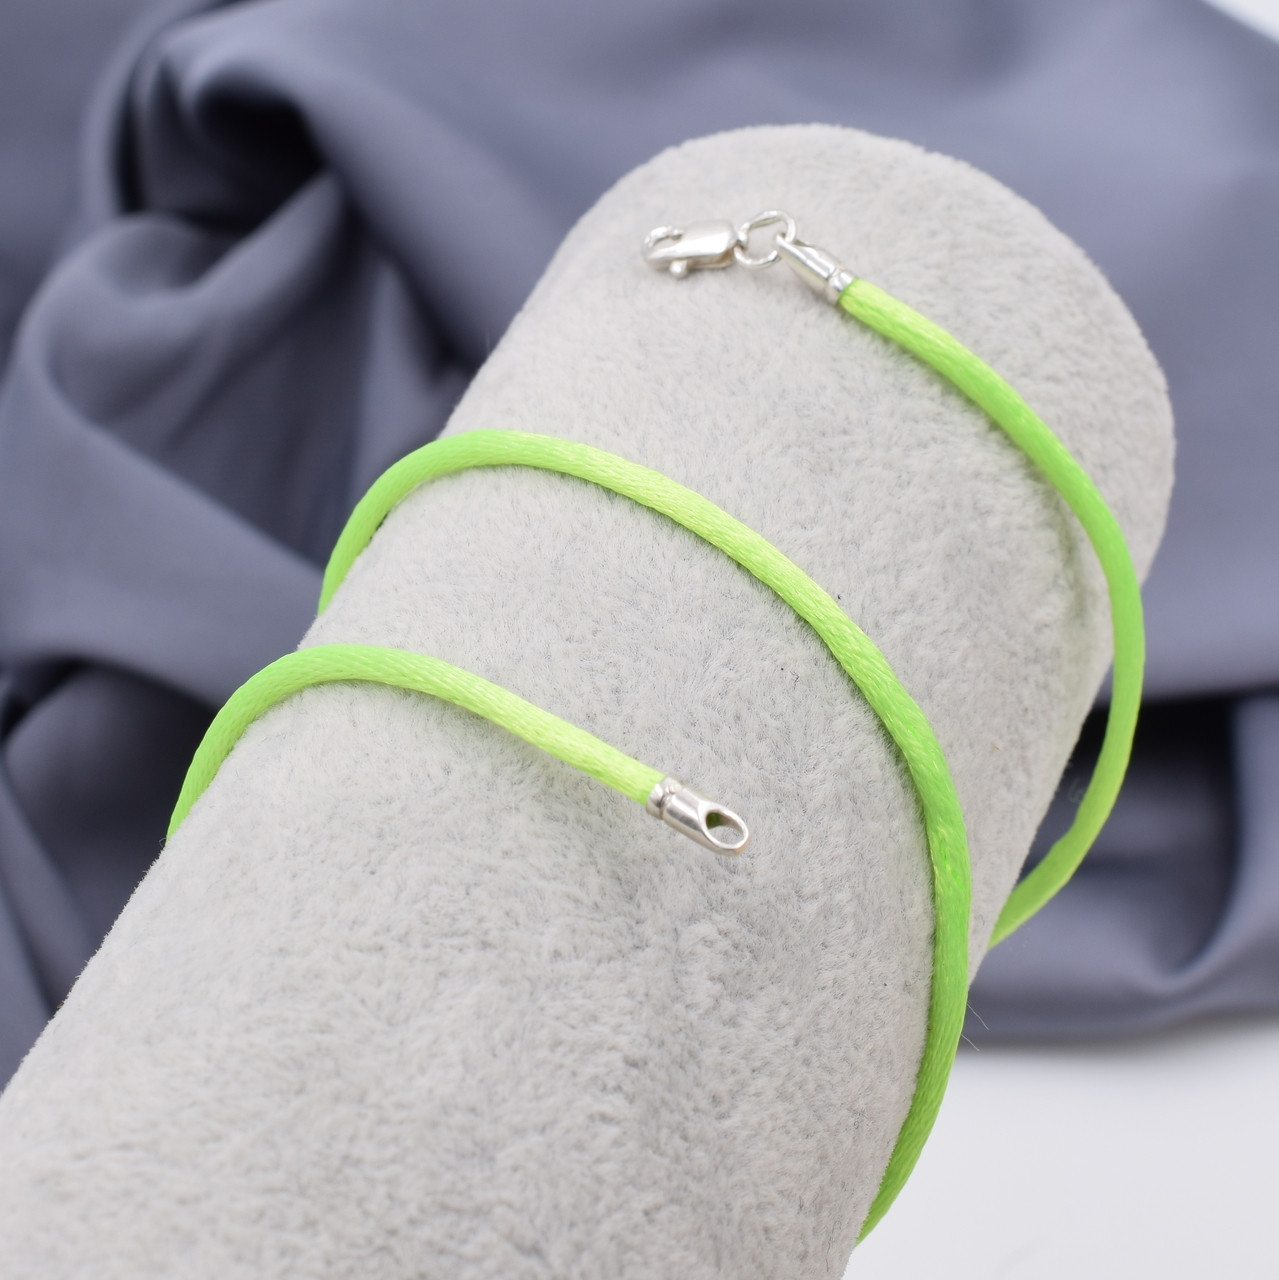 Шнурок шелковый цвет лаймовый длина 30 см ширина 2 мм вес серебра 0.7 г